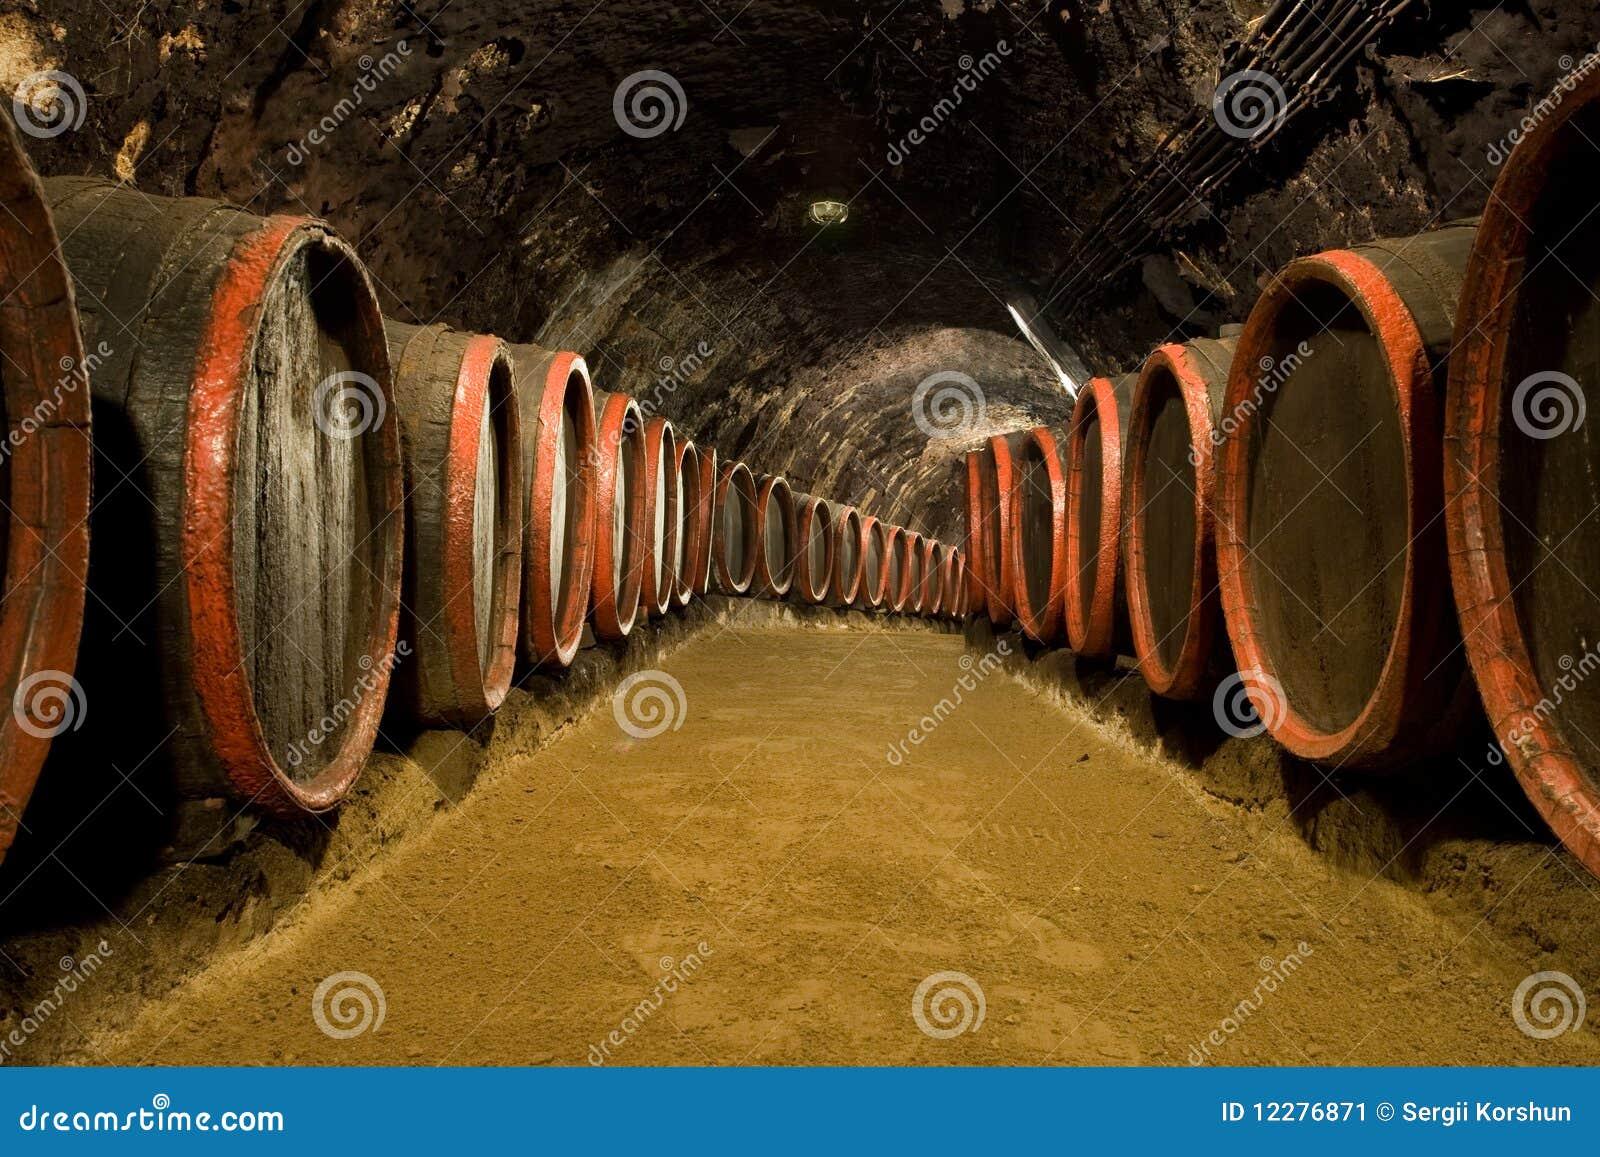 Fußboden Aus Alten Weinfässern ~ Weinfässer im weinkellereikeller stockbild bild von höhle